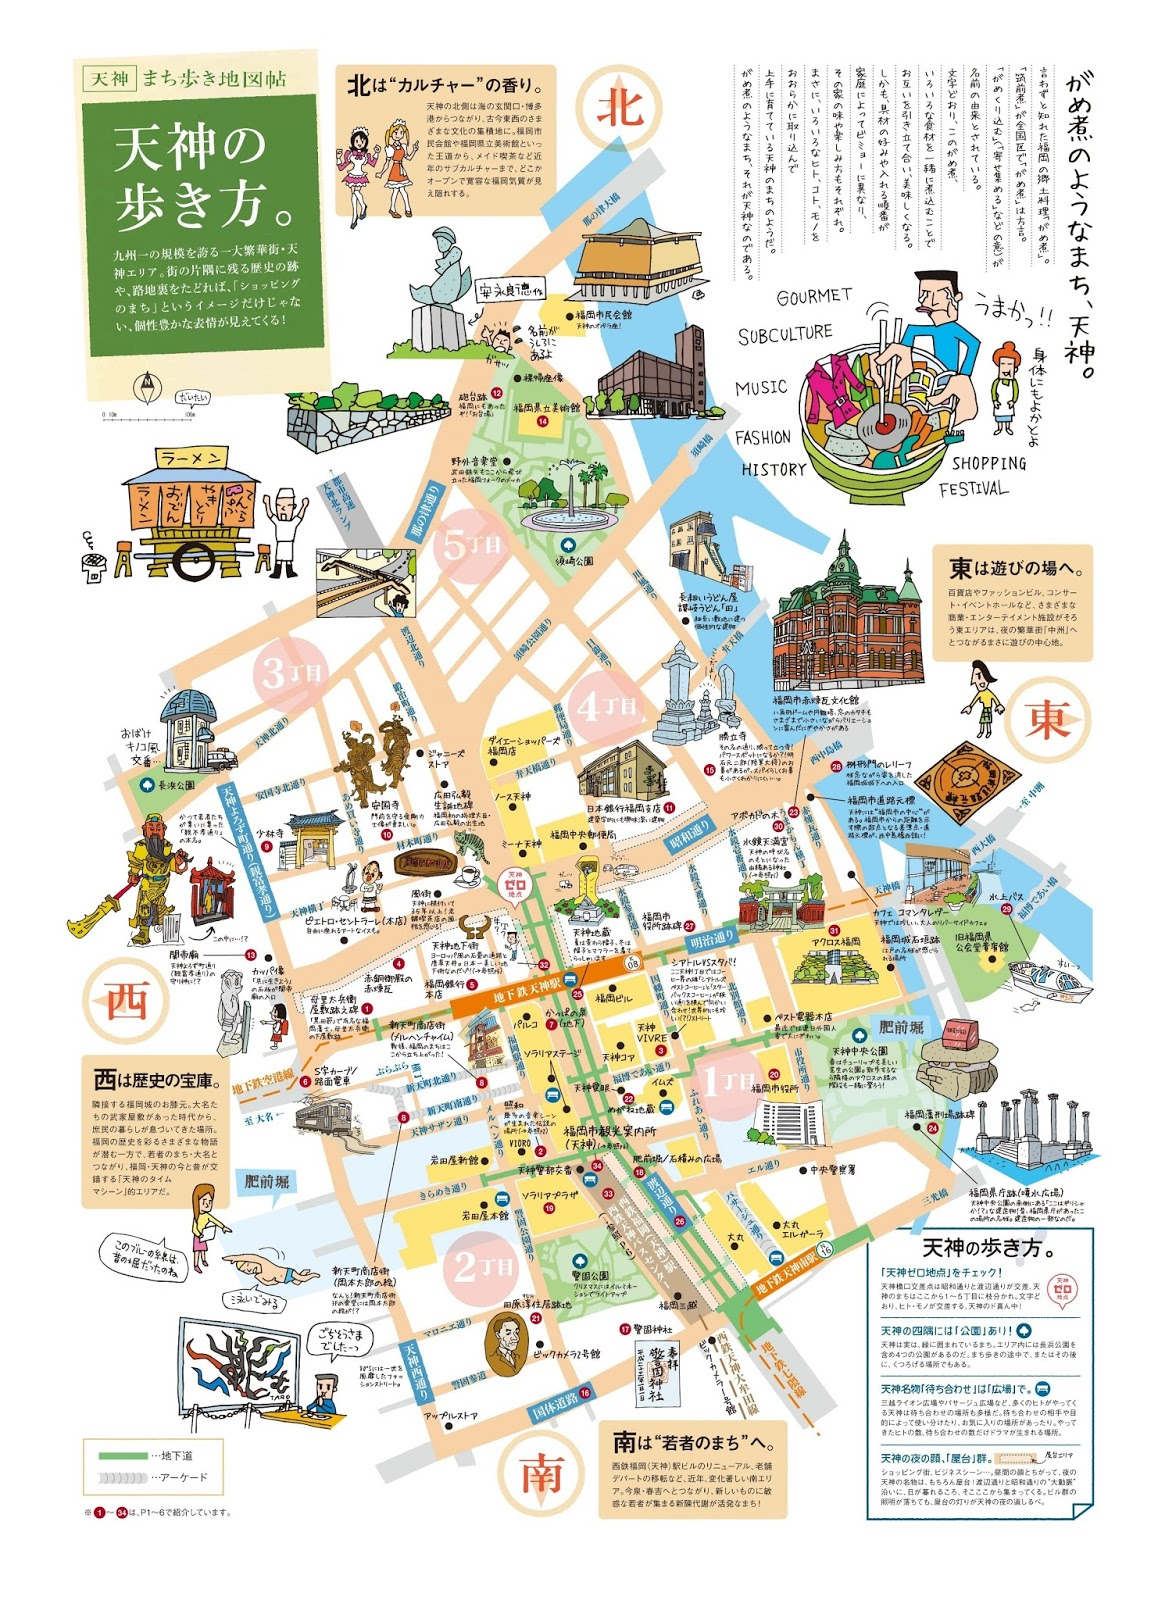 Rufiw: [玩食] 2015 跨年福岡自駕遊 超好逛~天神地下街和天神一帶 (含散步地圖)